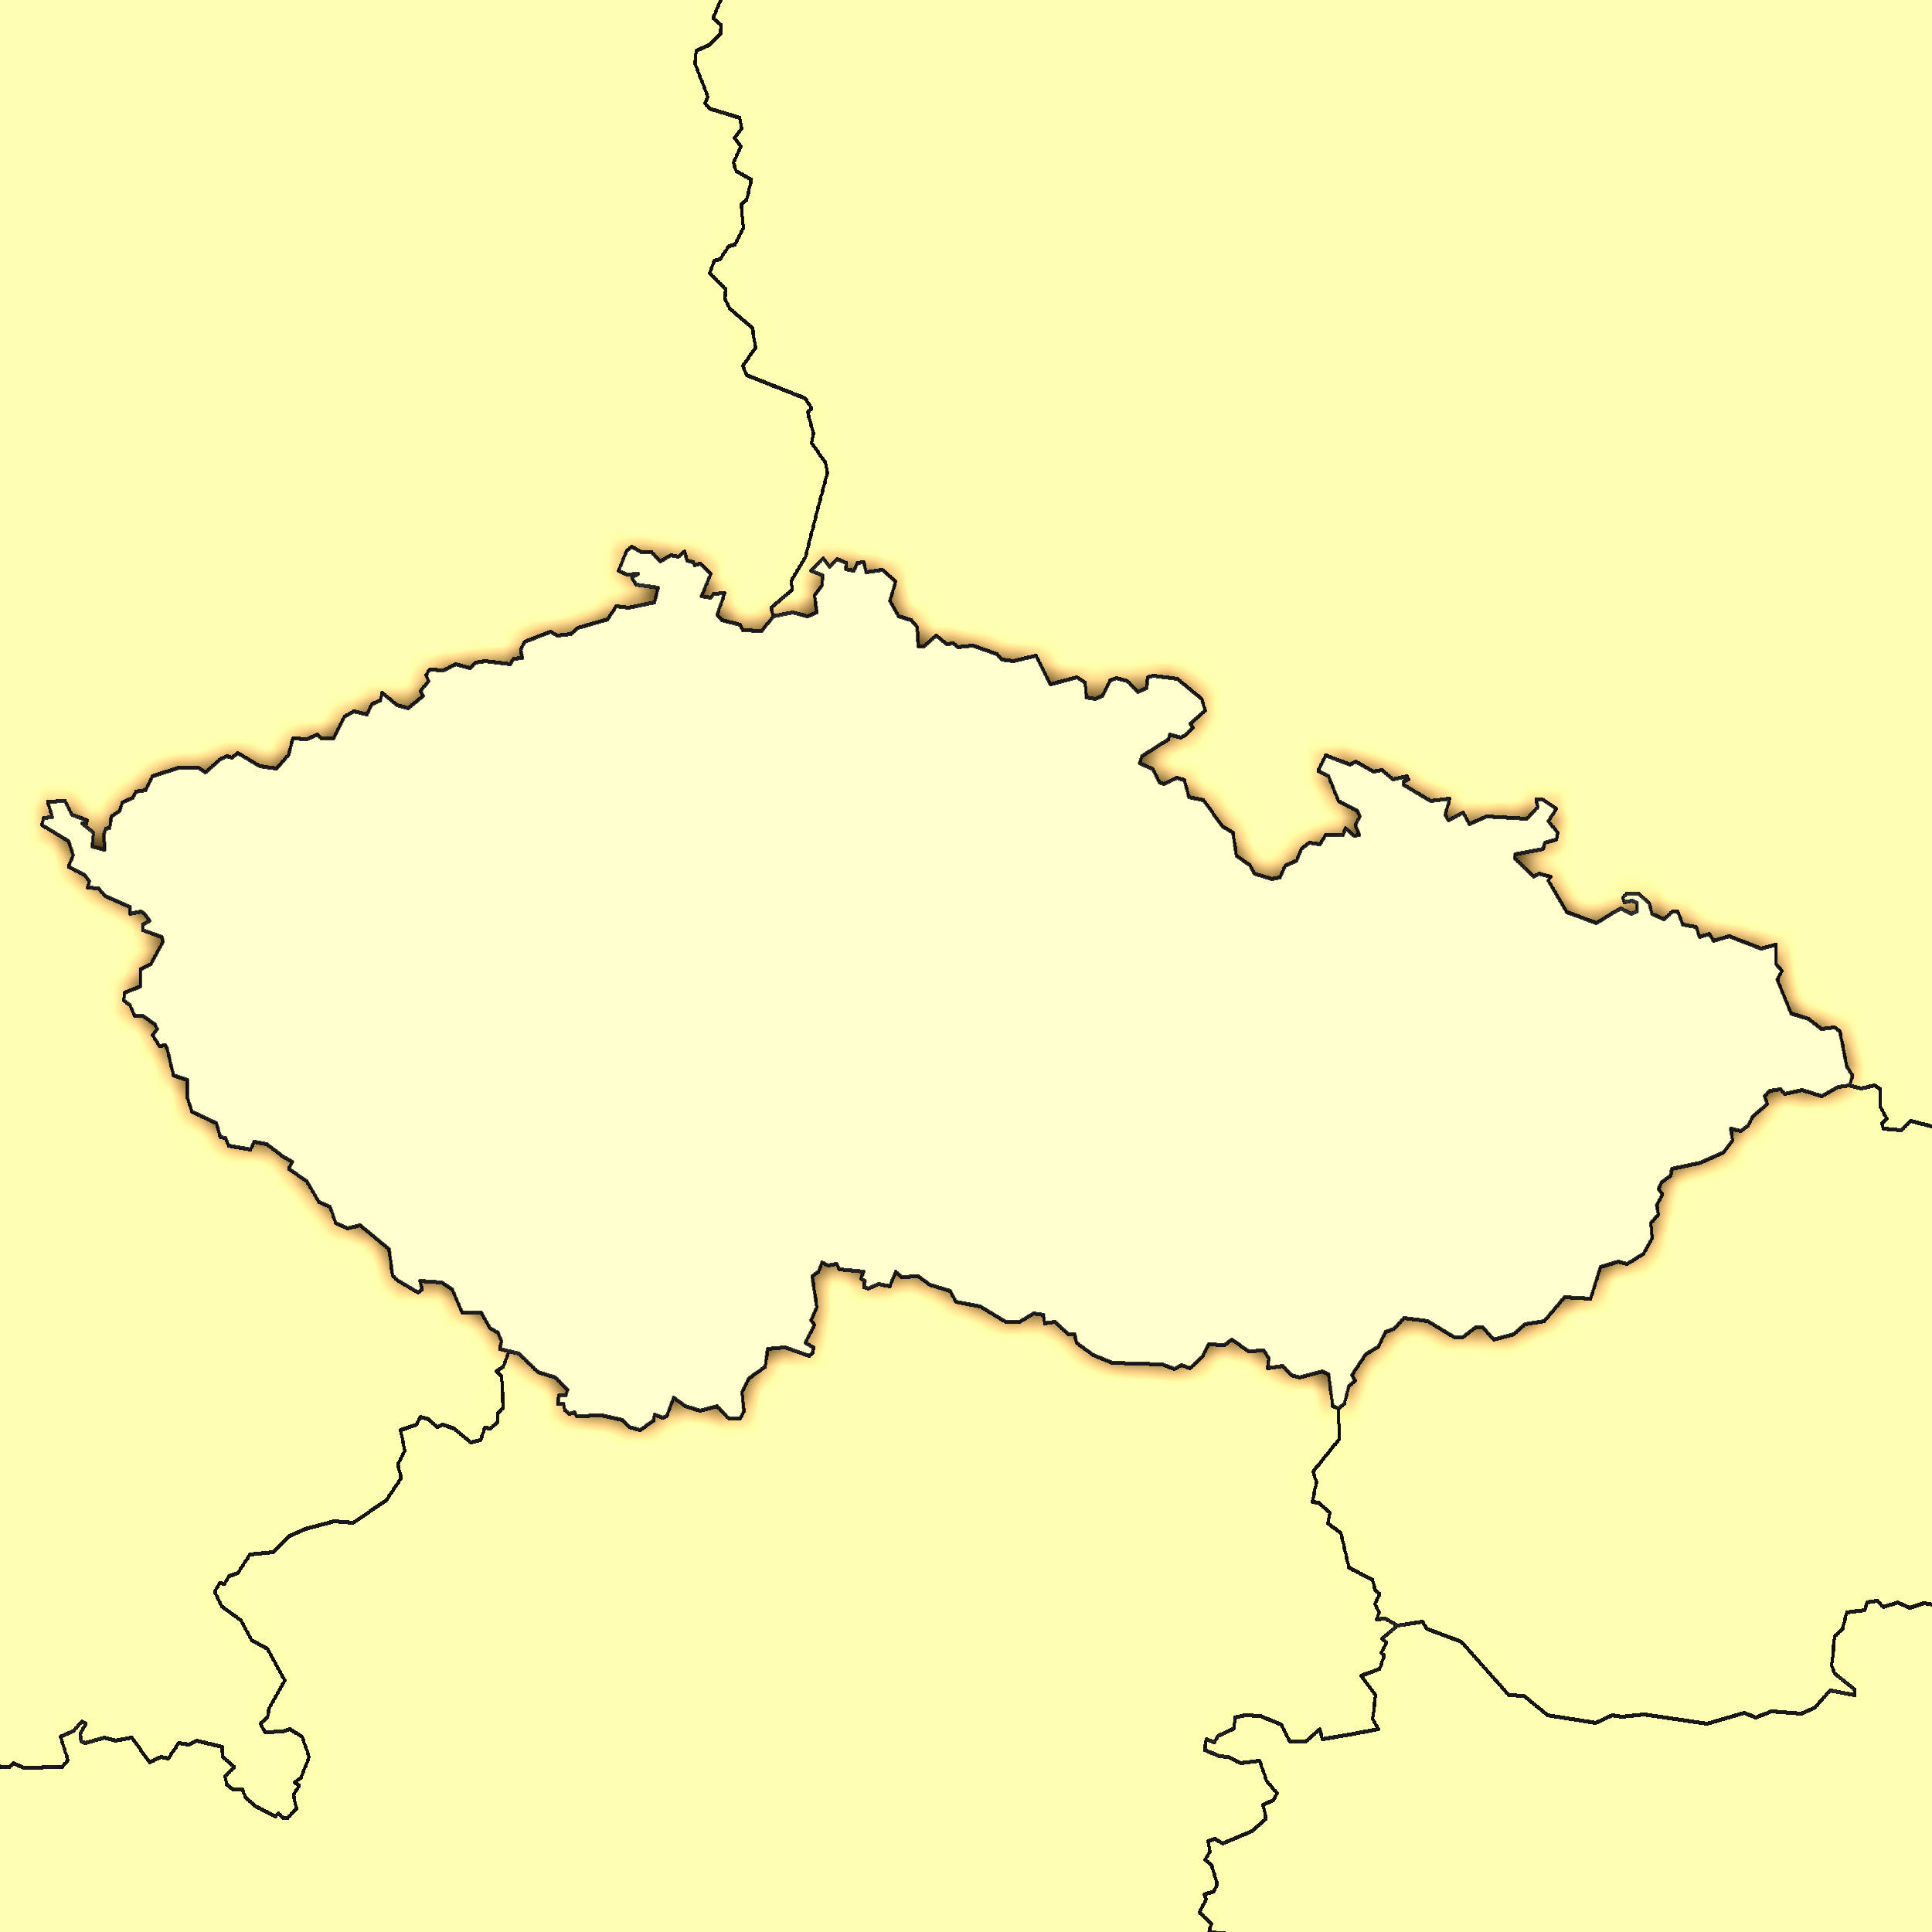 FileCzech Republic map modernpng Wikimedia Commons